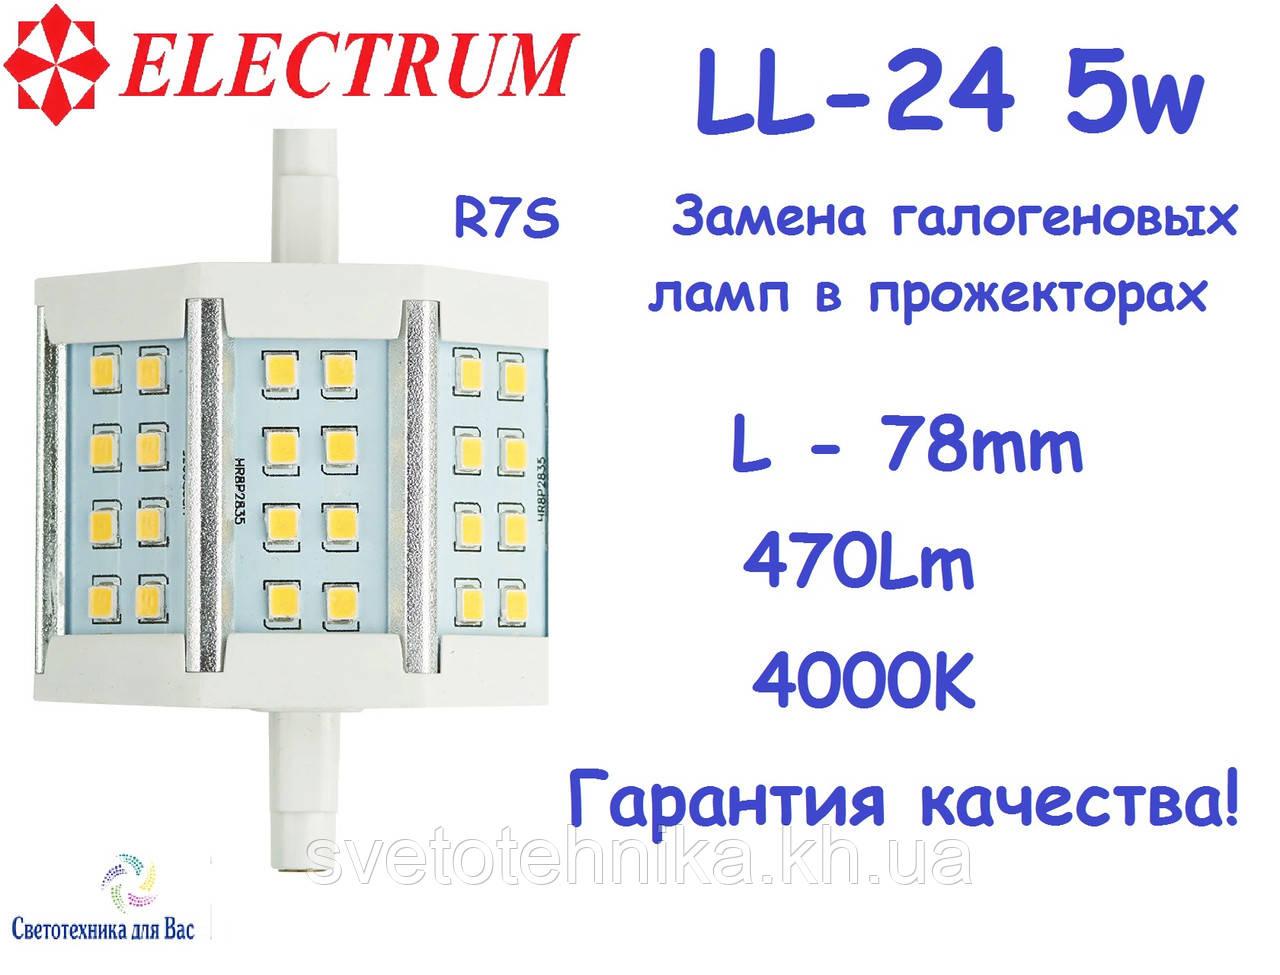 Лампа светодиодная LED линейная в прожектор R7s 78mm Electrum LL-24 5W 4000K